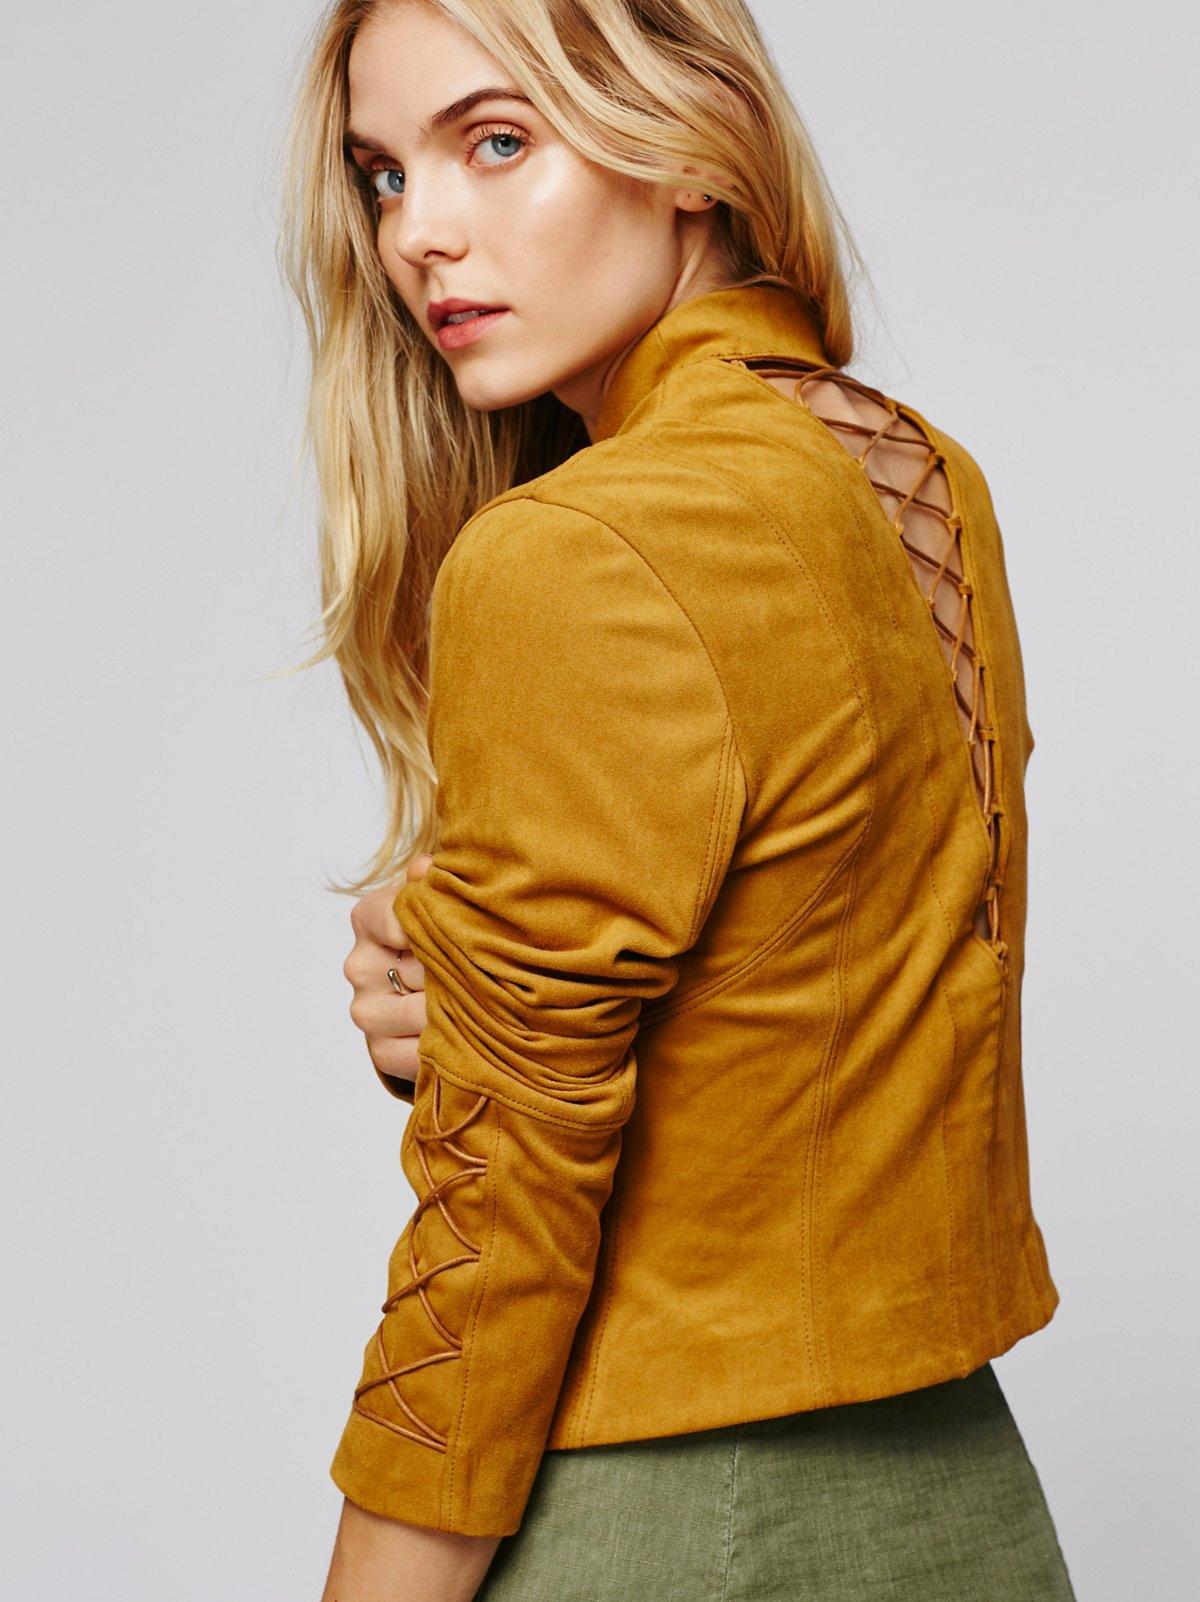 Bare Back Laced Jacket